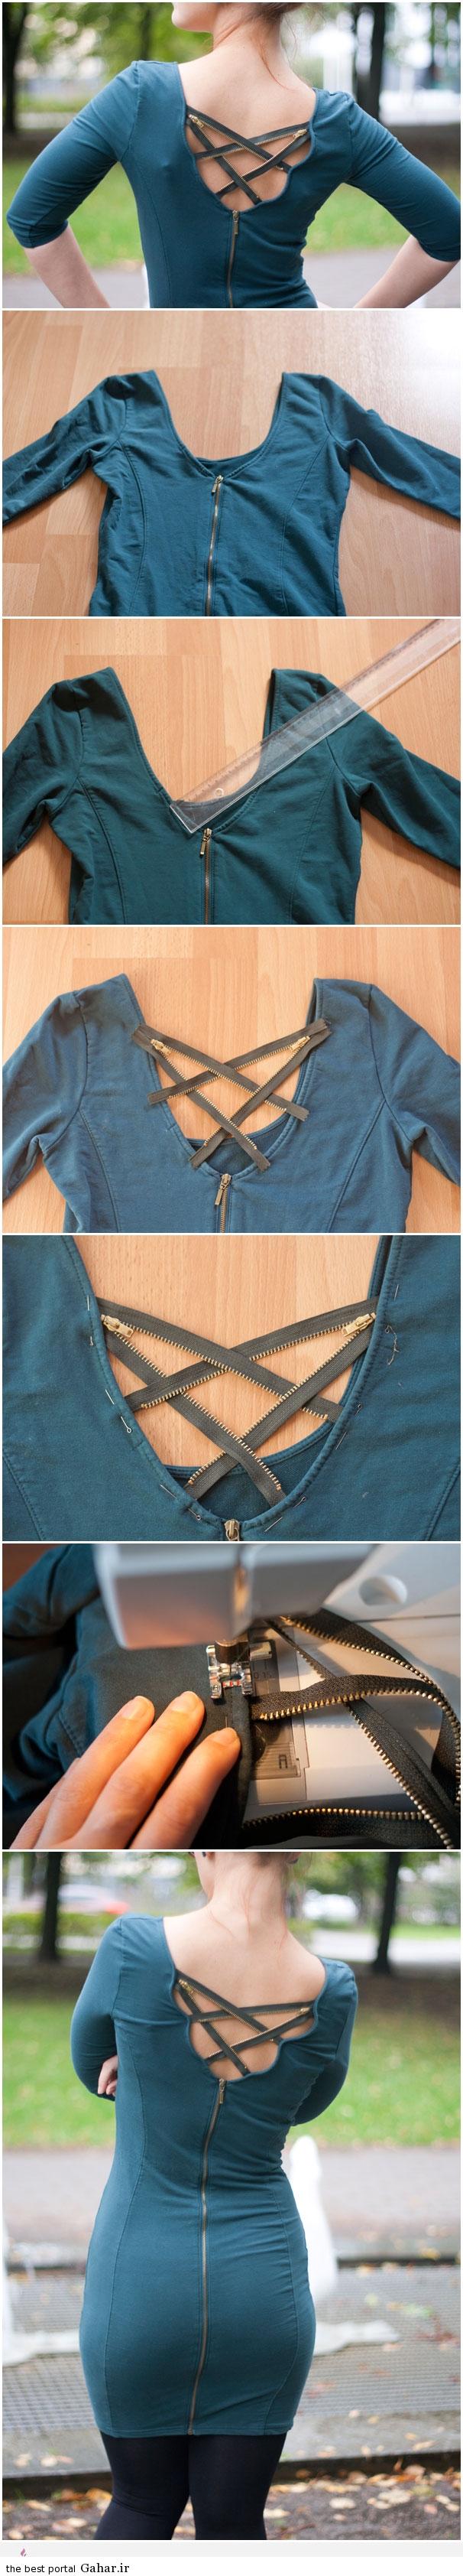 مدل جالب تزیین پیراهن با زیپ, جدید 1400 -گهر